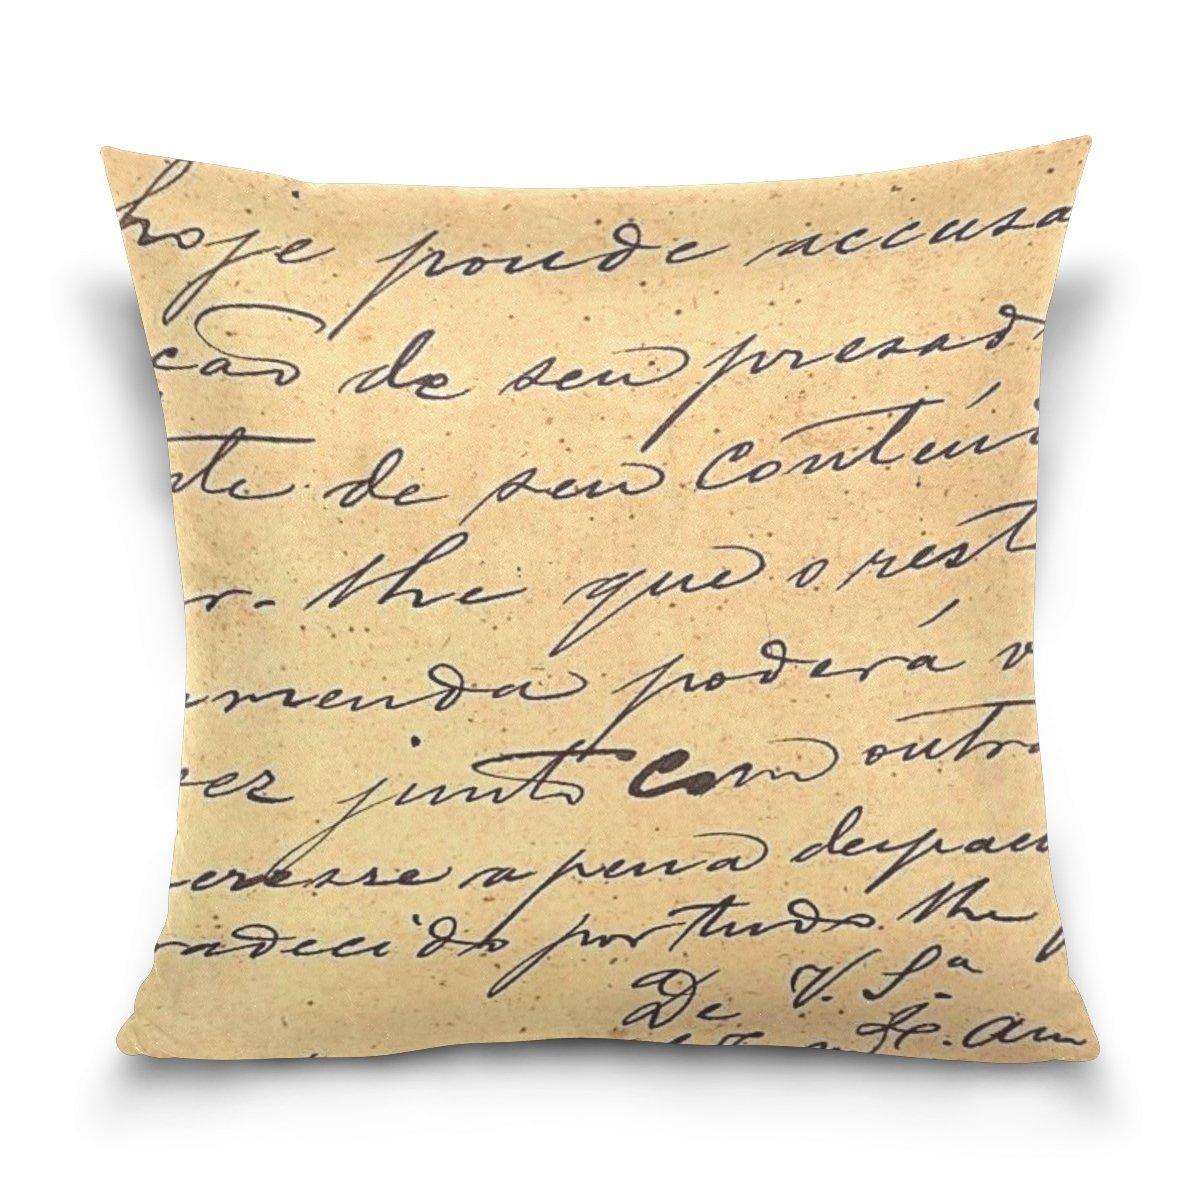 Custom algodón cuadrado Vintage cartas plumas manta funda de almohada carcasa decorativo funda de almohada Home sofá cama 18 x 18 pulgadas: Amazon.es: Libros